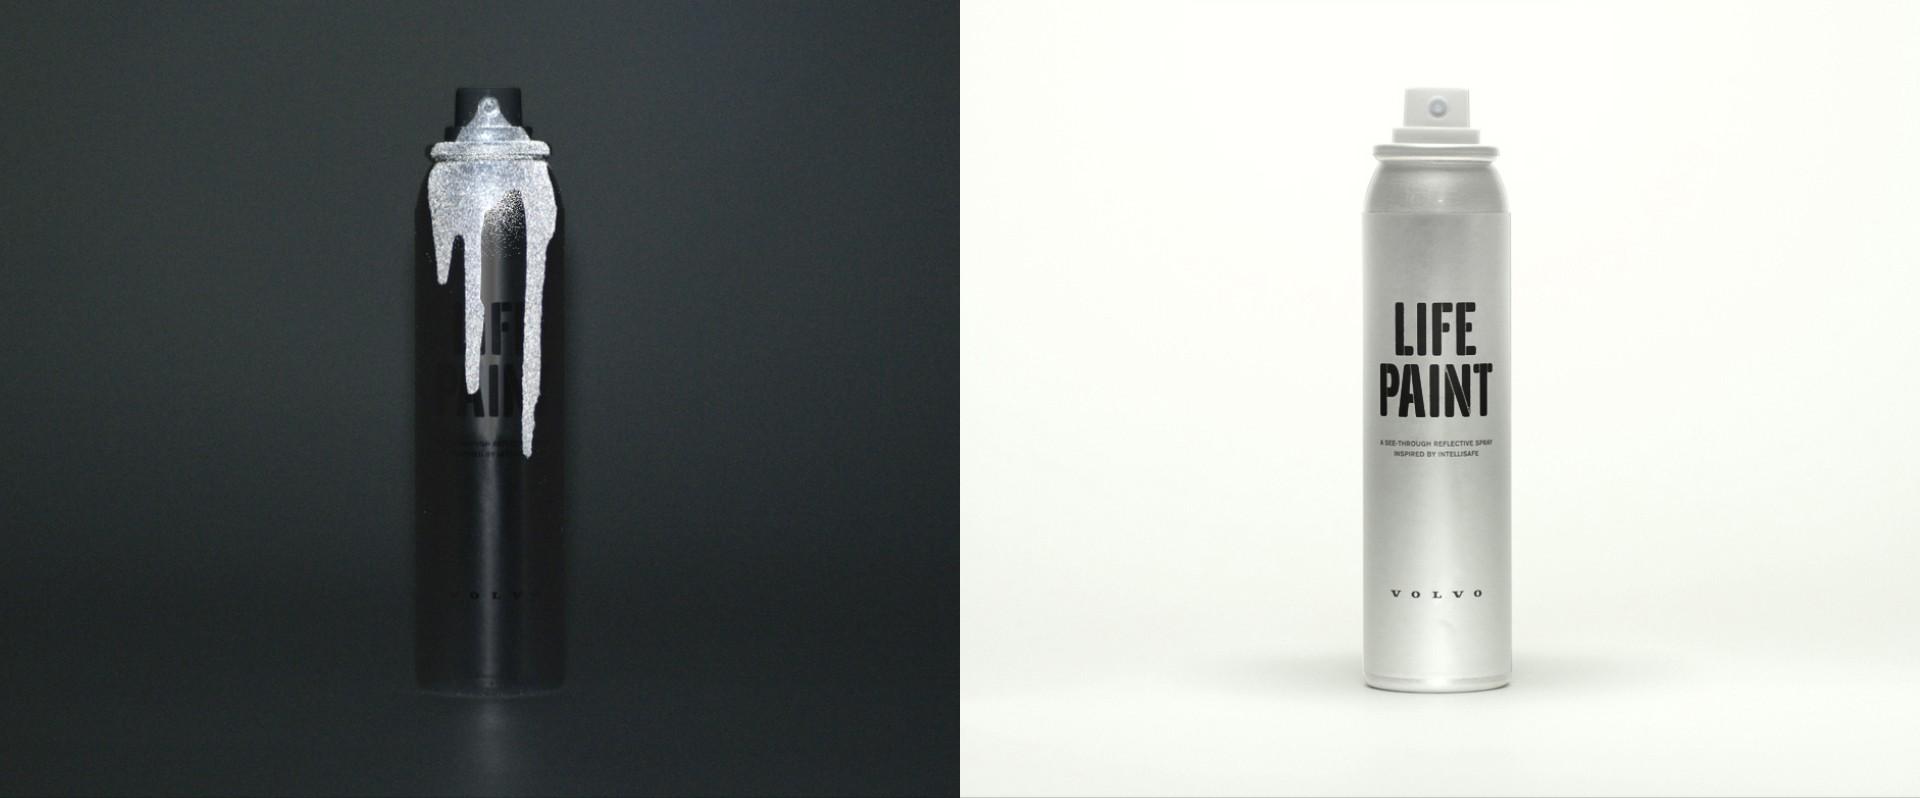 Volvo Life Paint, ücretsiz, yıkanabiliyor, materyale zarar vermiyor ve 1 hafta kalıcı